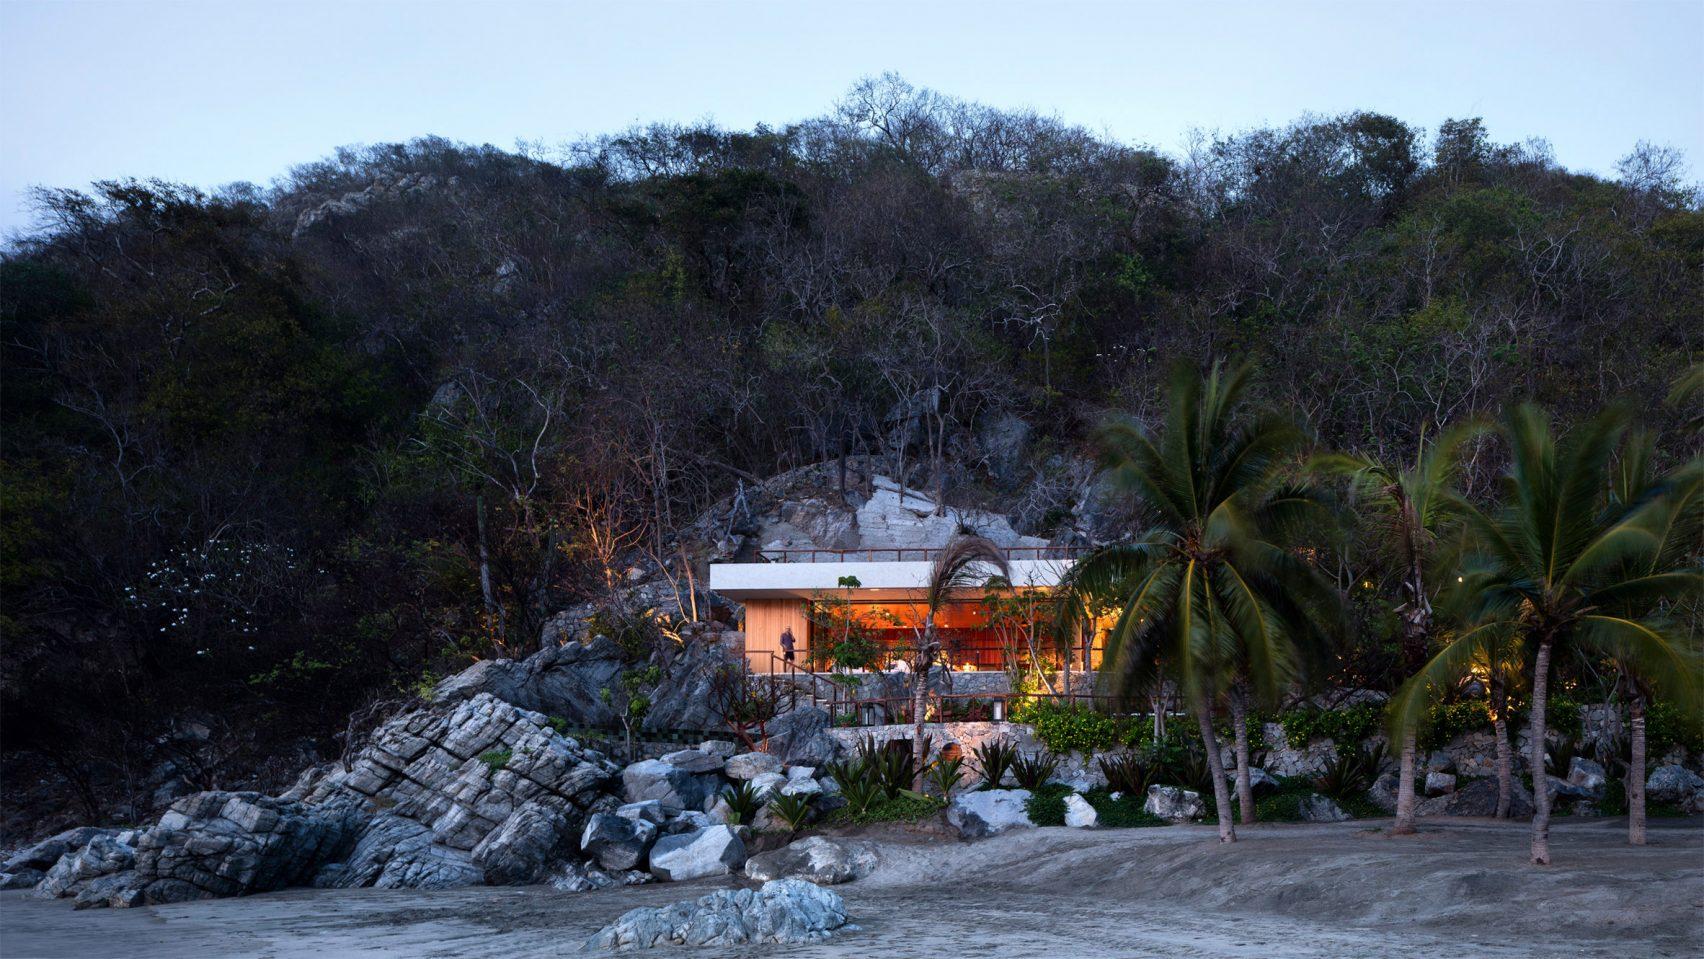 Is dit het mooiste vakantiehuis dat je ooit hebt gezien?